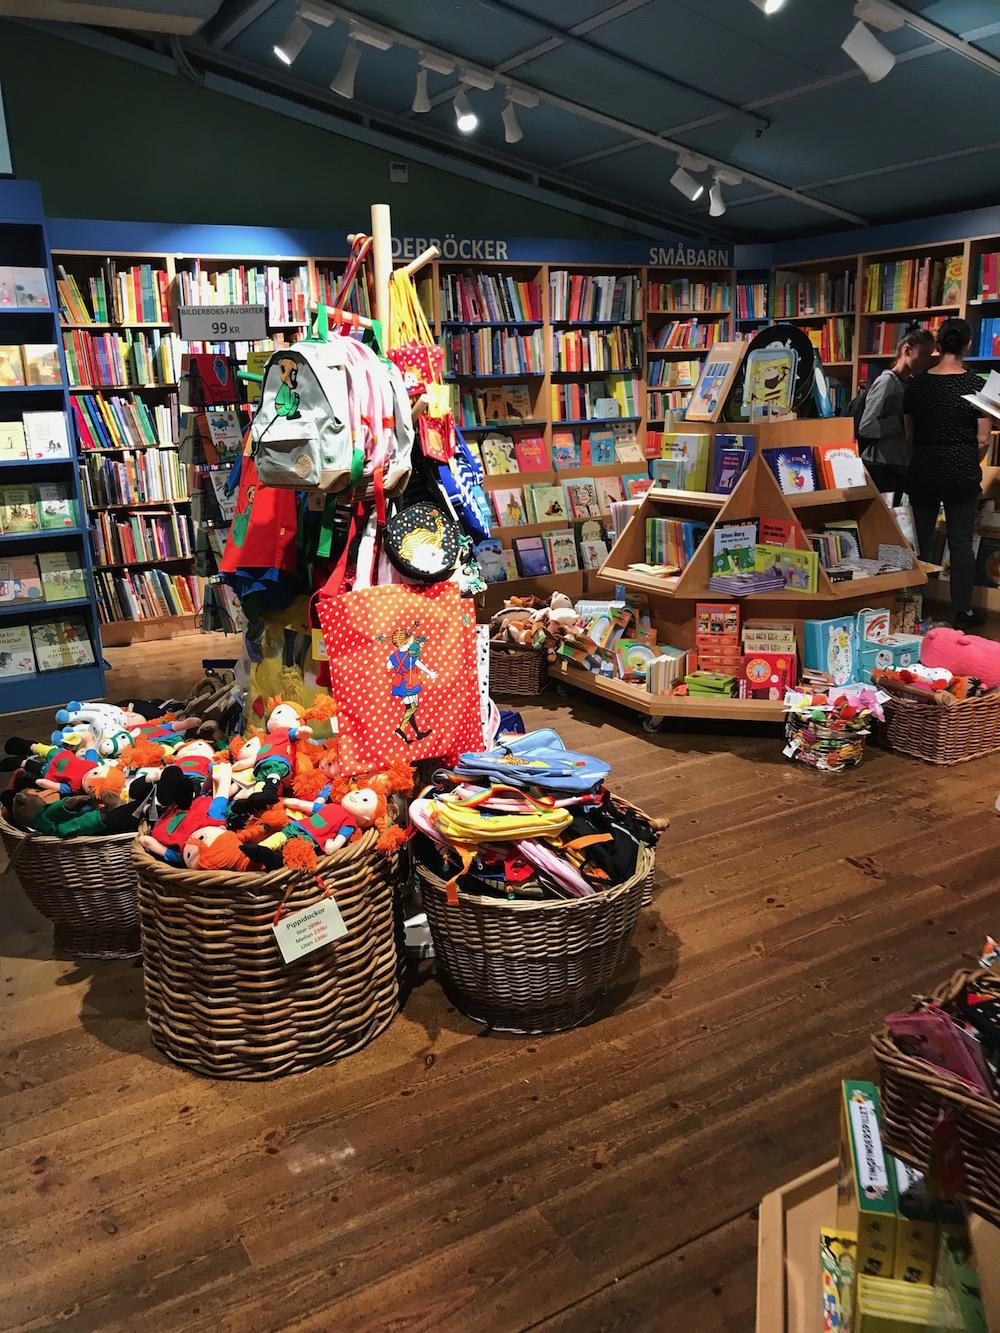 A maior livraria infantil da Suécia